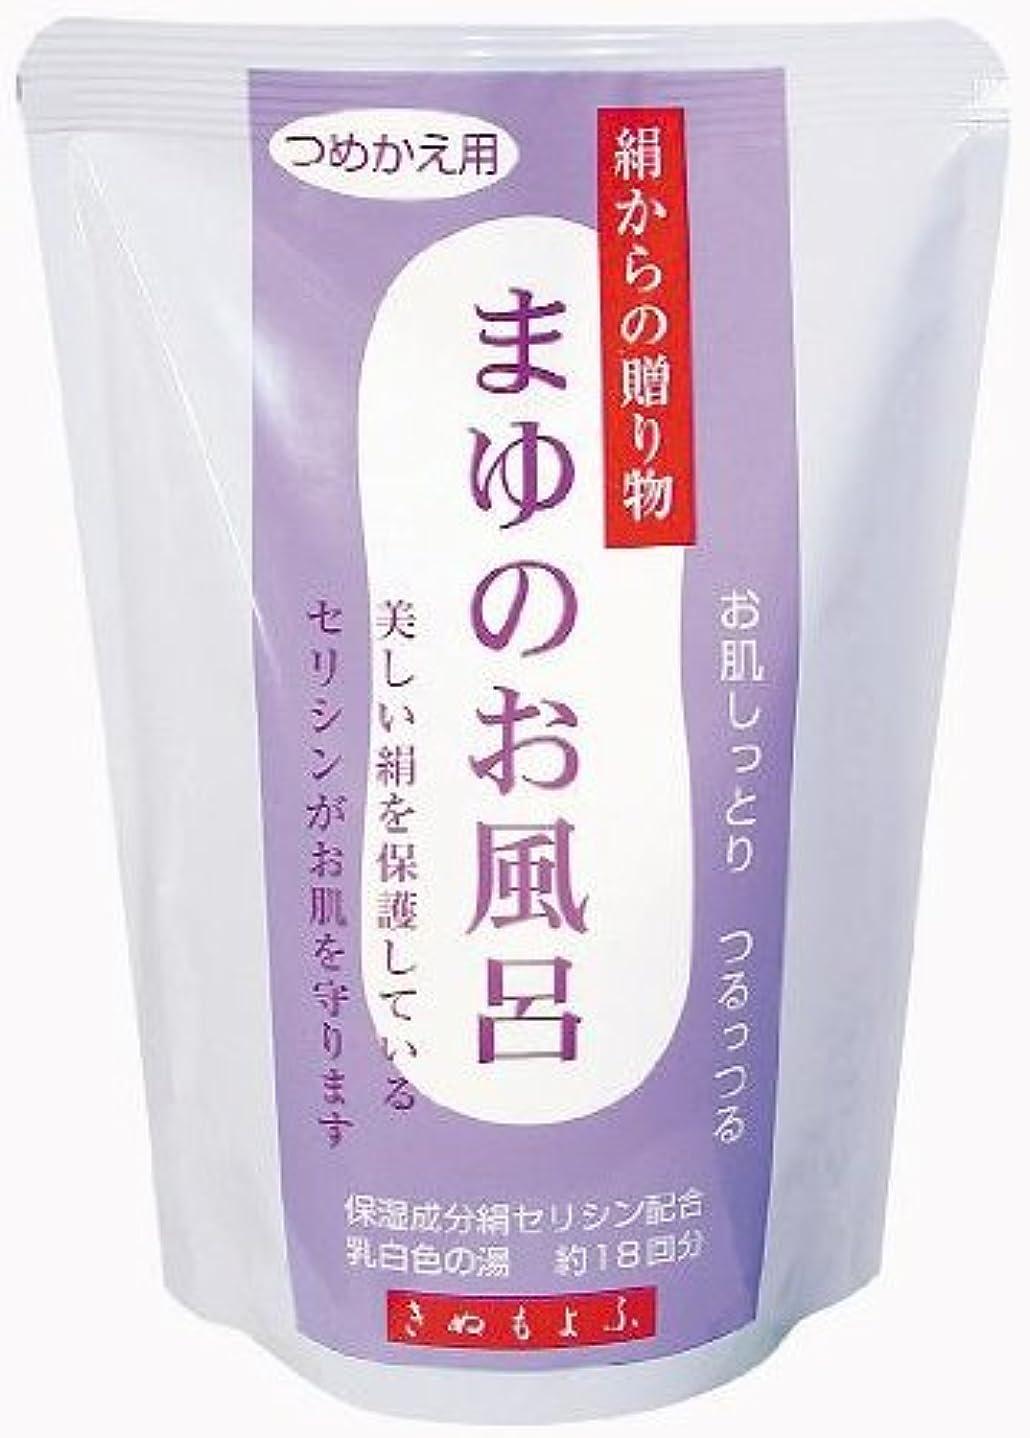 はず比喩哲学博士まゆシリーズ きぬもよふ まゆのお風呂詰替 浴用化粧料 450ml(約18回分)